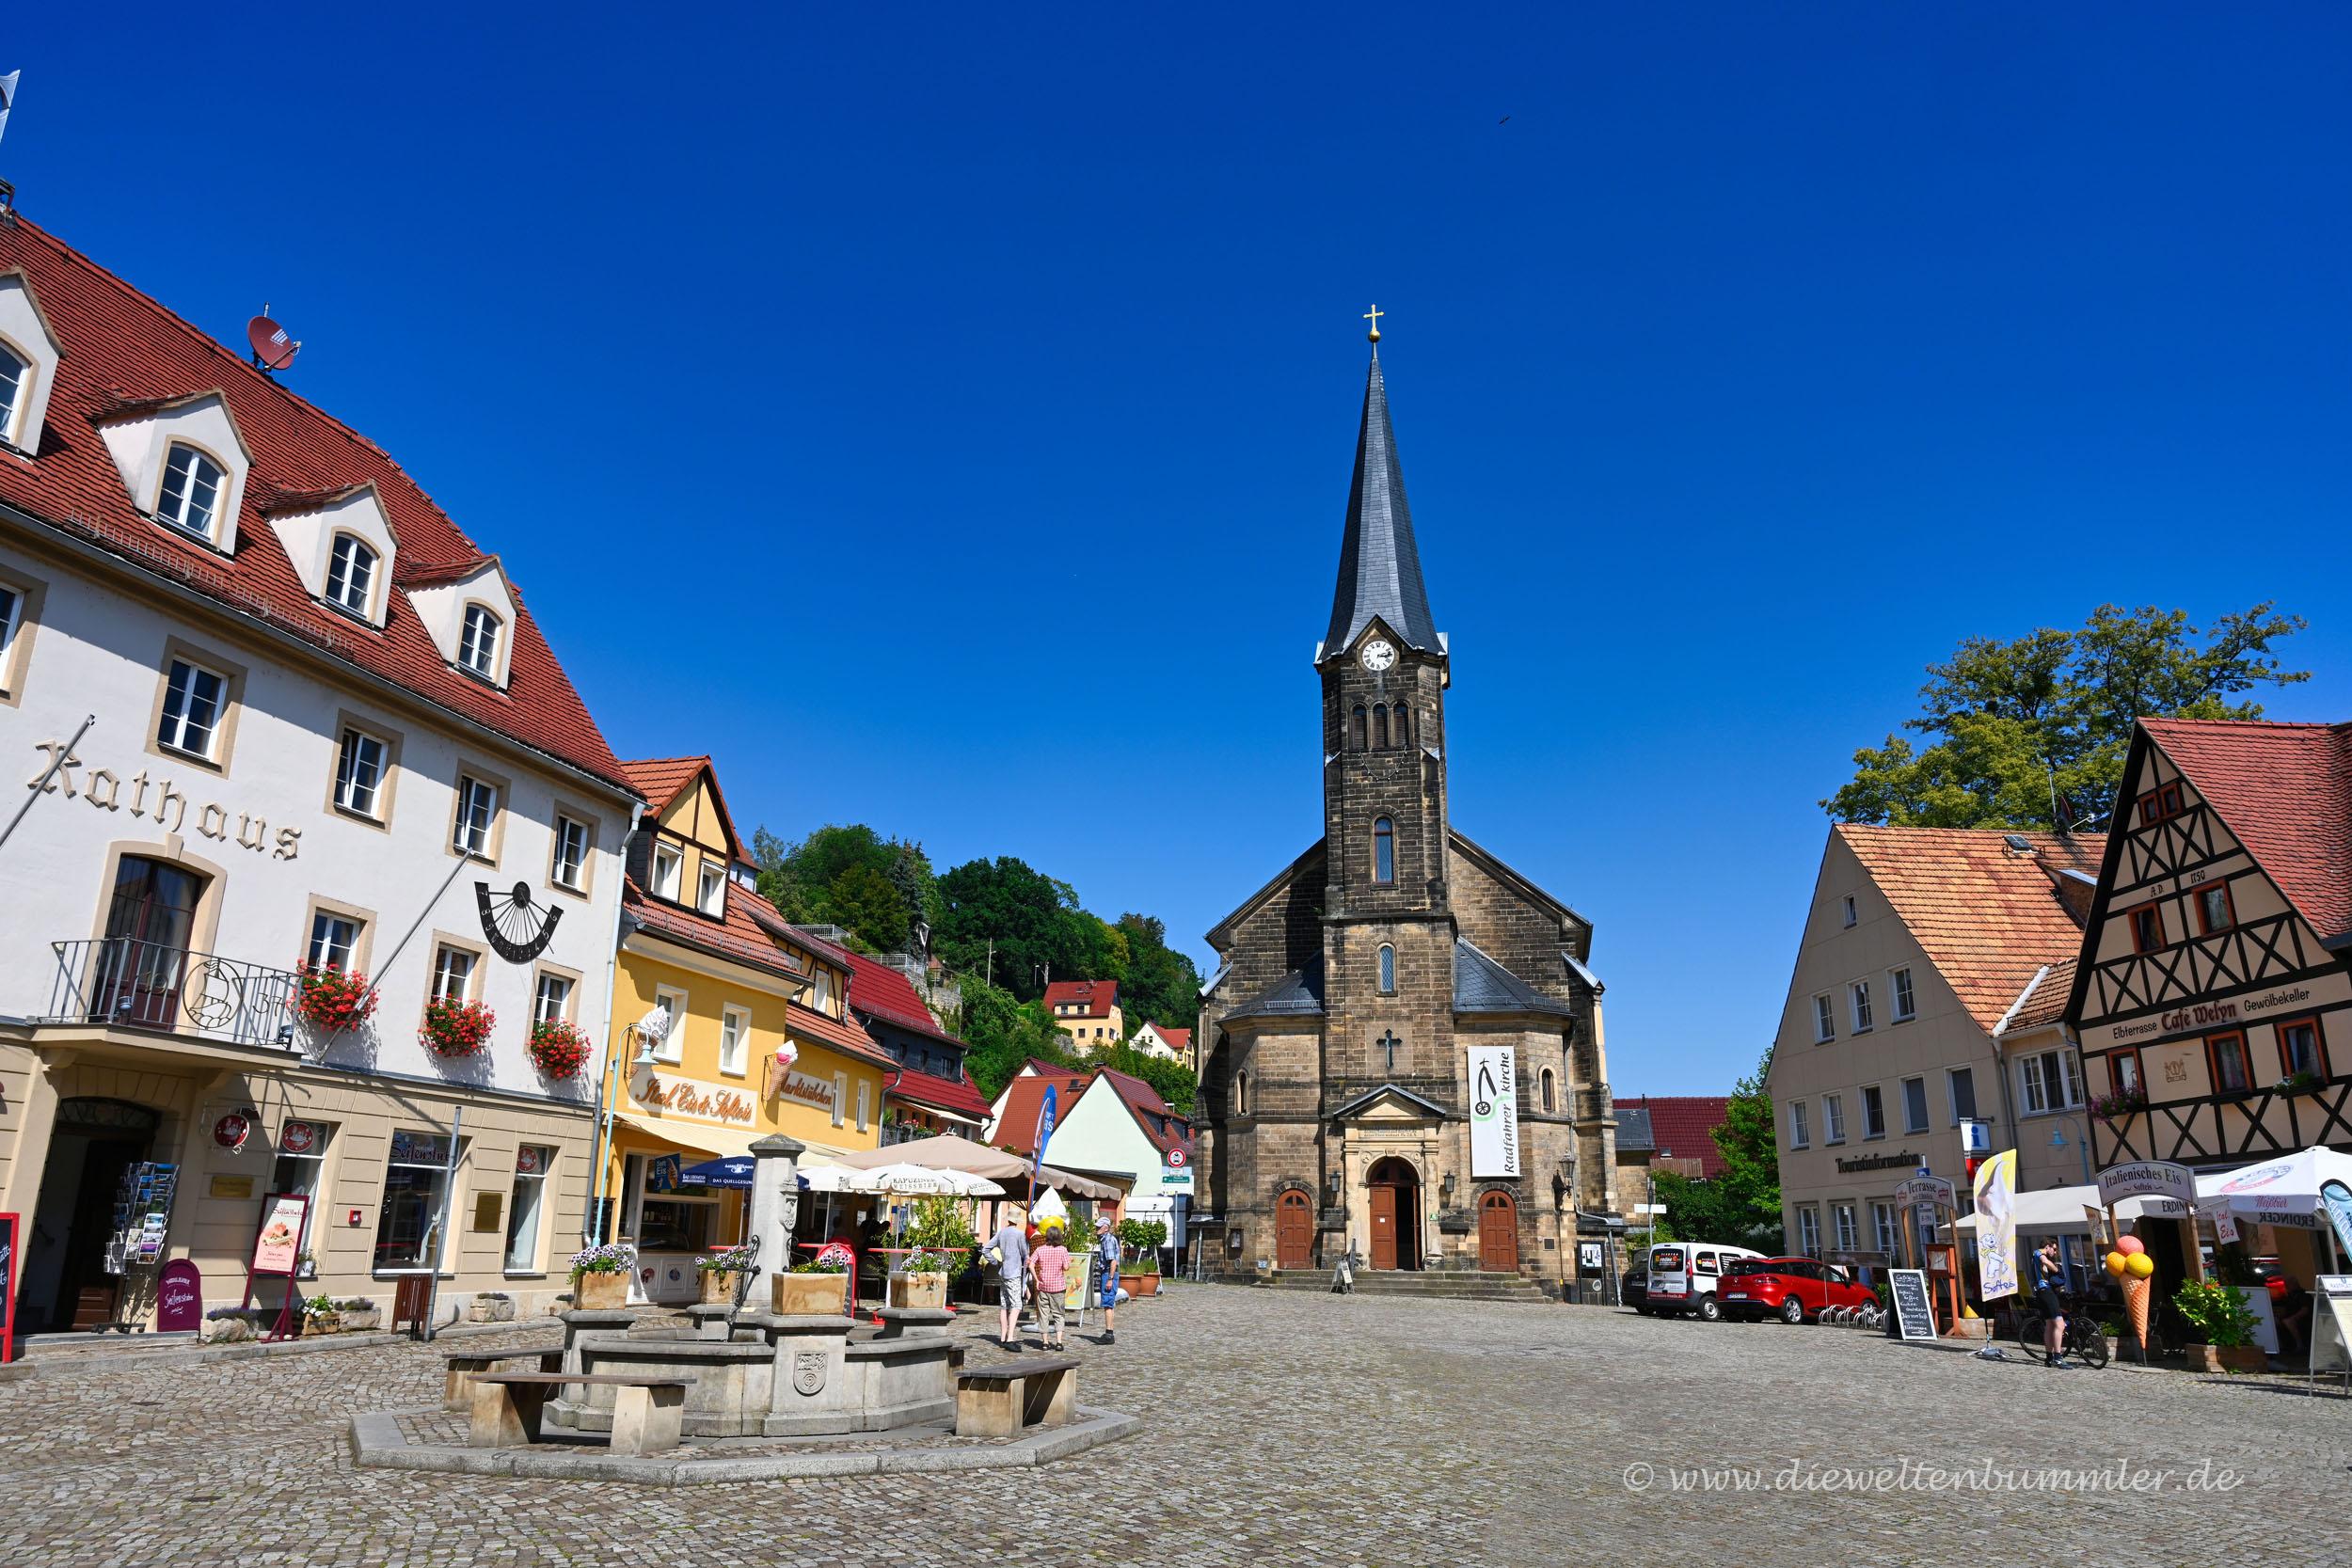 Marktplatz in Stadt Wehlen